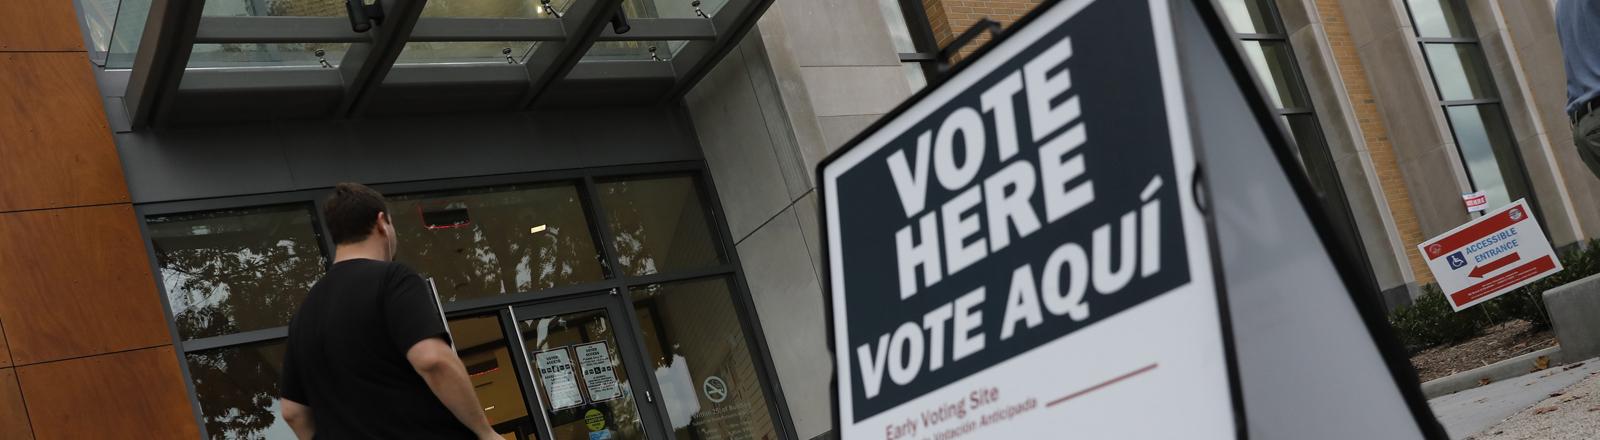 """Aufsteller mit dem Aufruf """"Vote here!"""" """"Wählt hier!"""""""